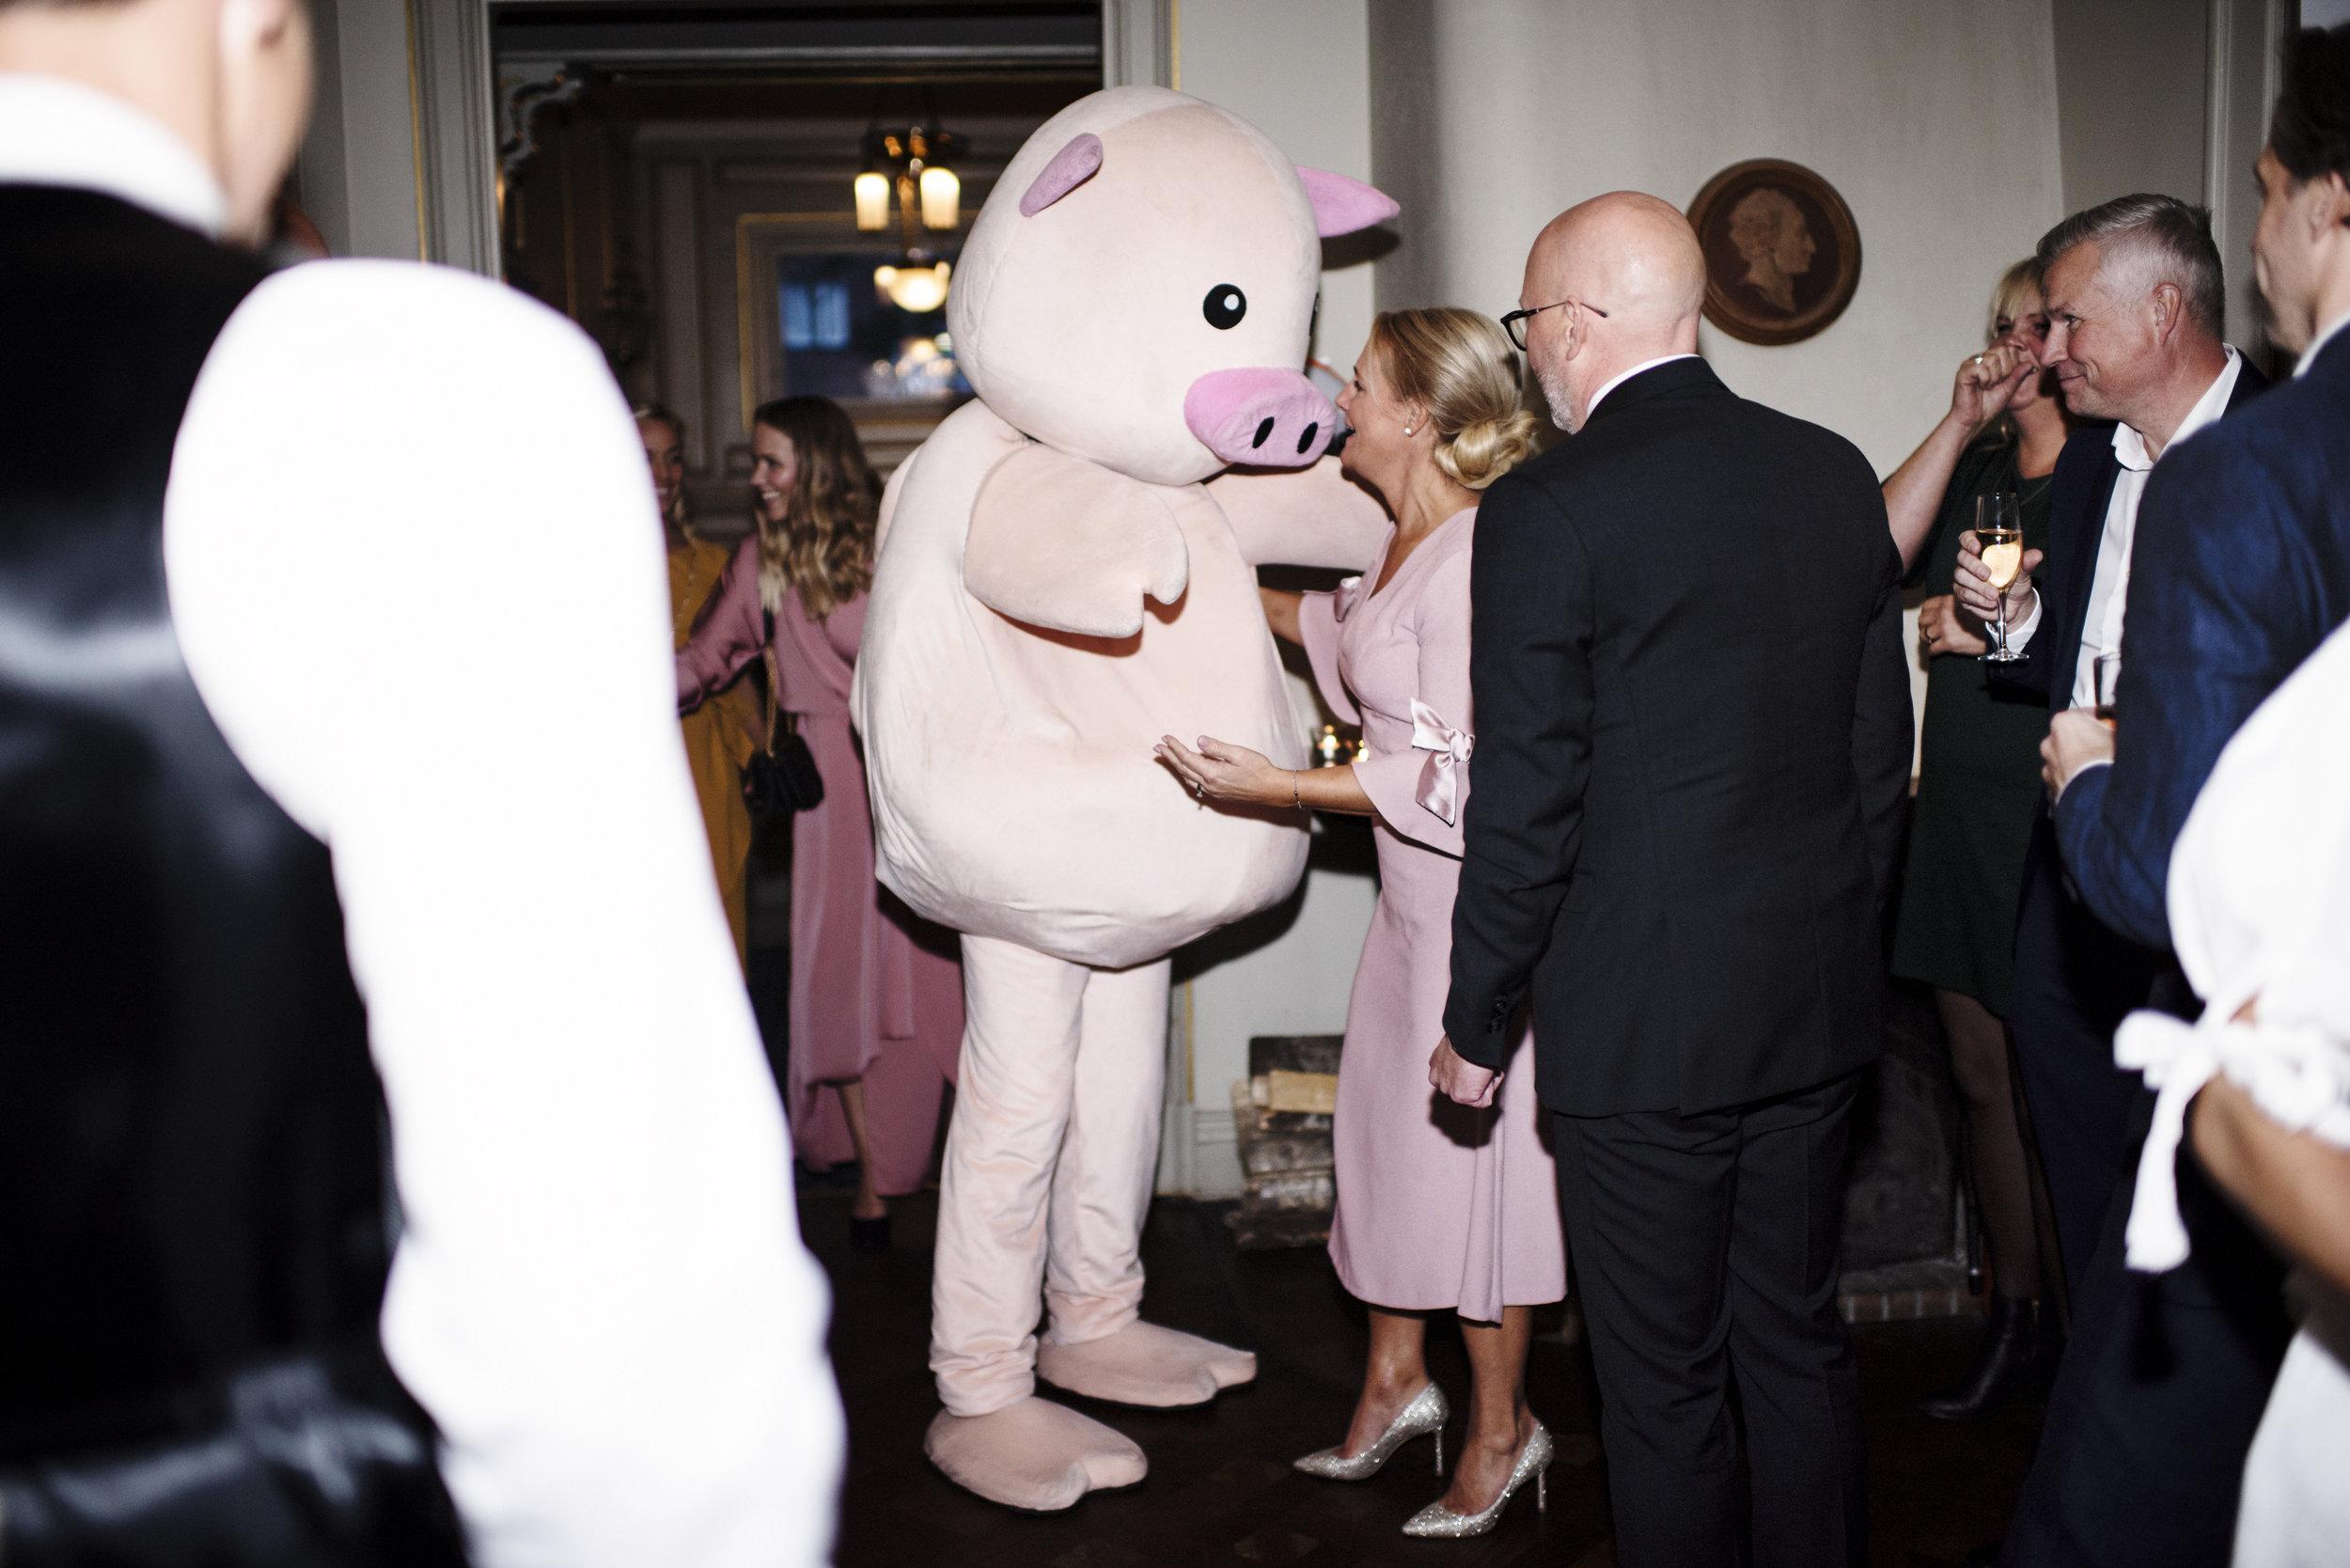 Det är alltid en bra idé att ta på sig en grisdräkt för att överraska brudparet.